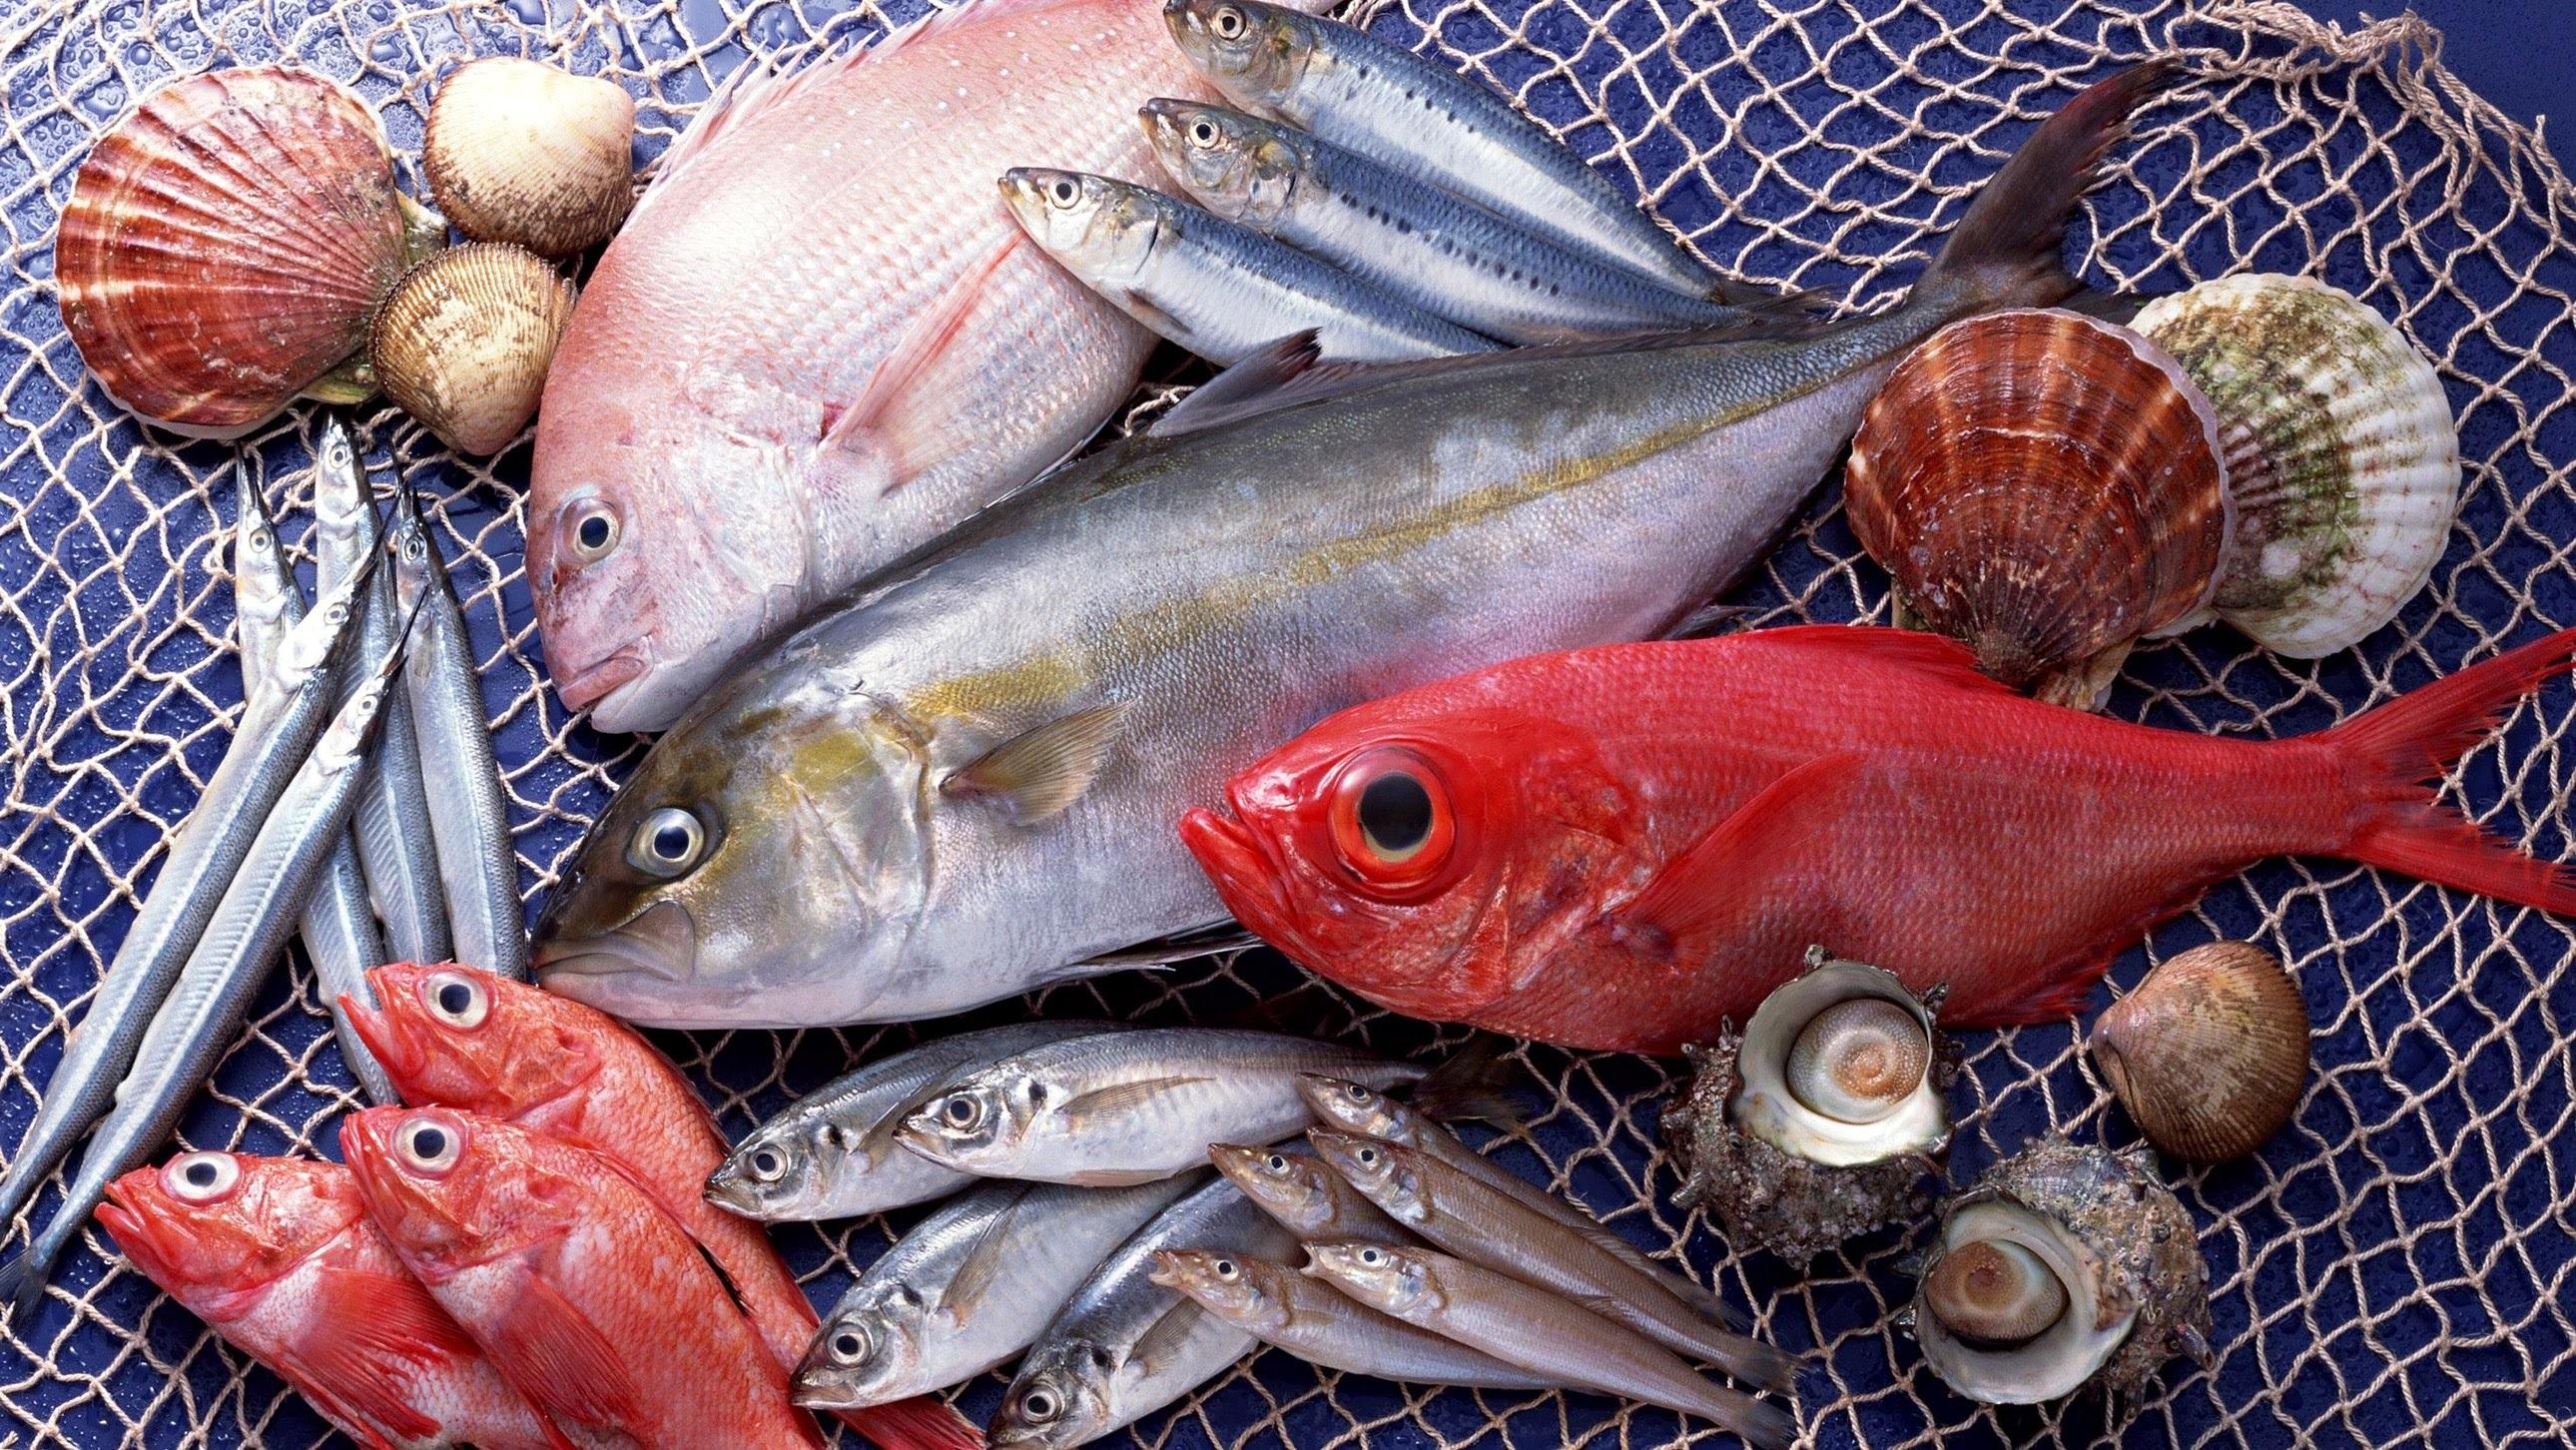 К чему снится рыба? Есть рыбу во сне